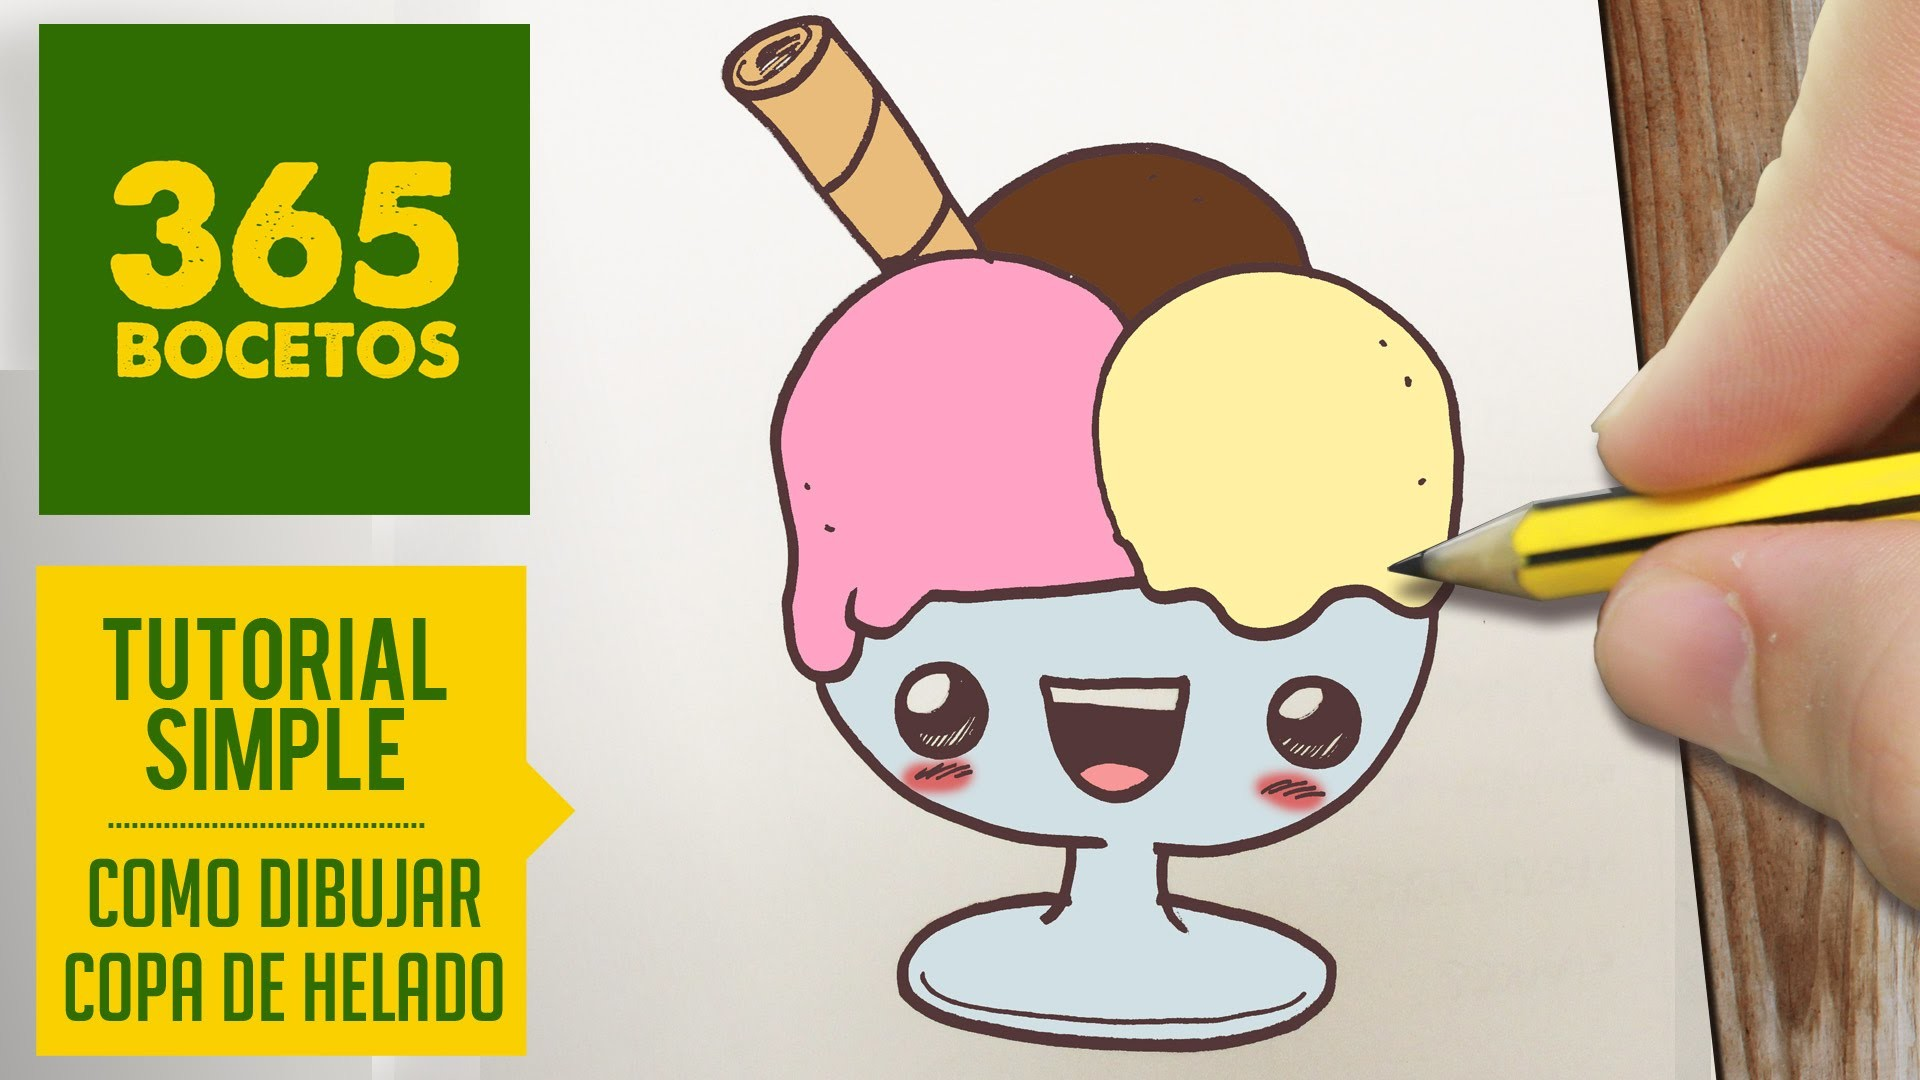 COMO DIBUJAR UN COPA DE HELADO KAWAII PASO A PASO - Dibujos kawaii faciles - How to draw a sundae